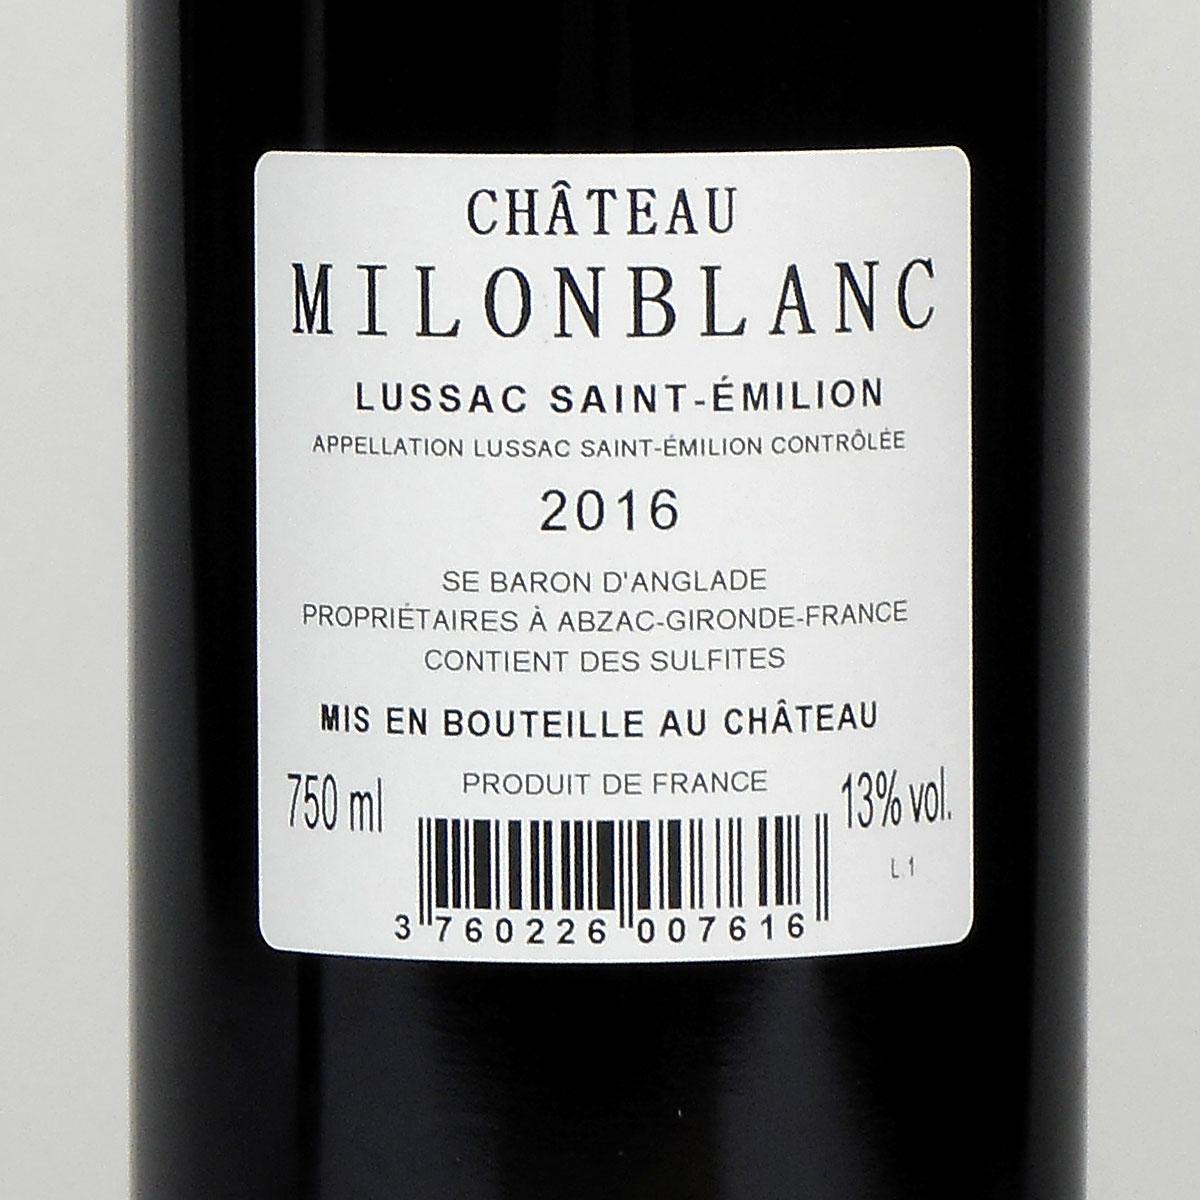 Lussac-Saint-Émilion: Château Milonblanc 2016 - Bottle Rear Label